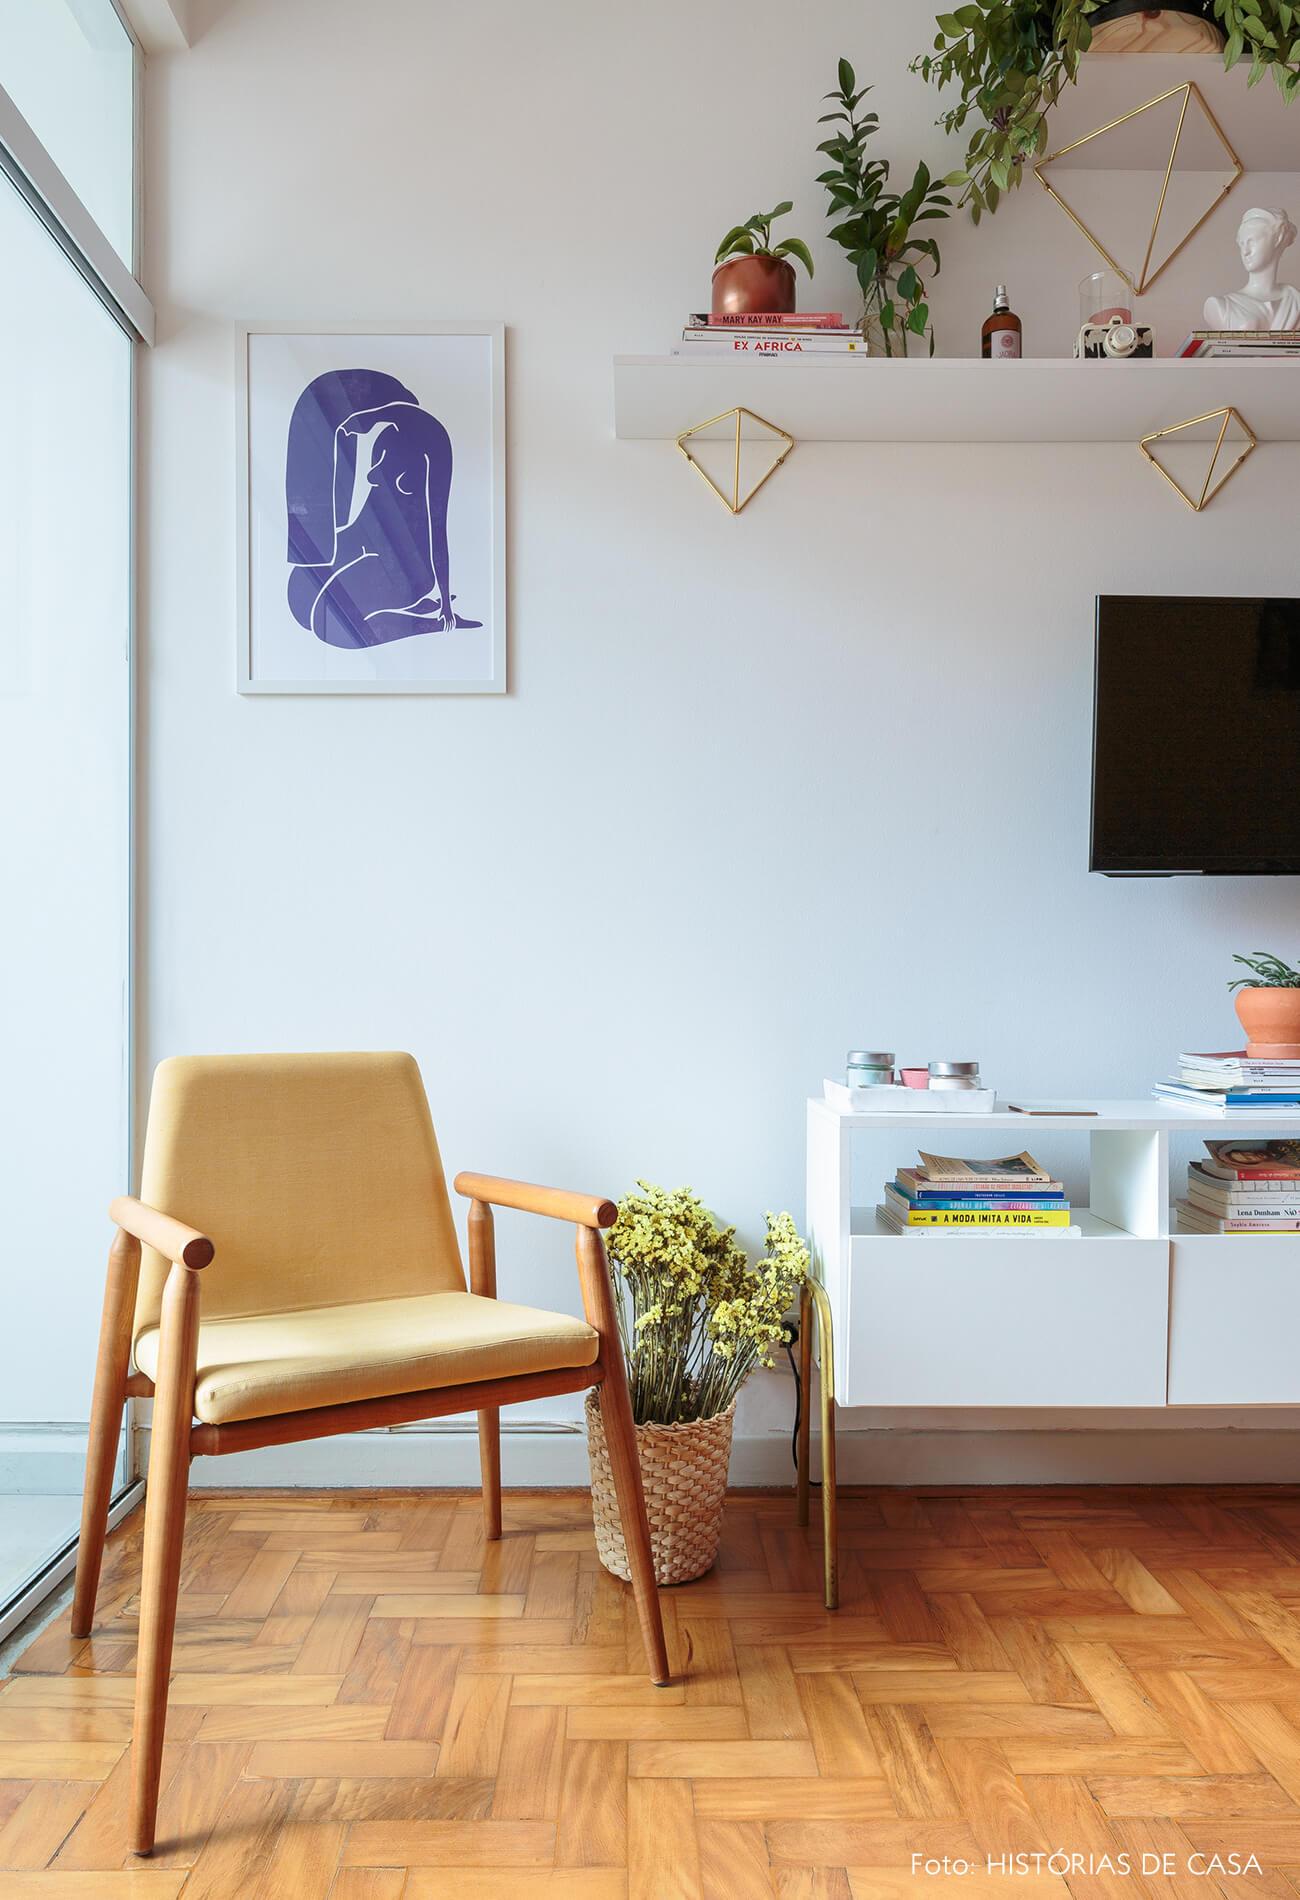 decoração ape alugado sala com poltrona amarela e rack branco